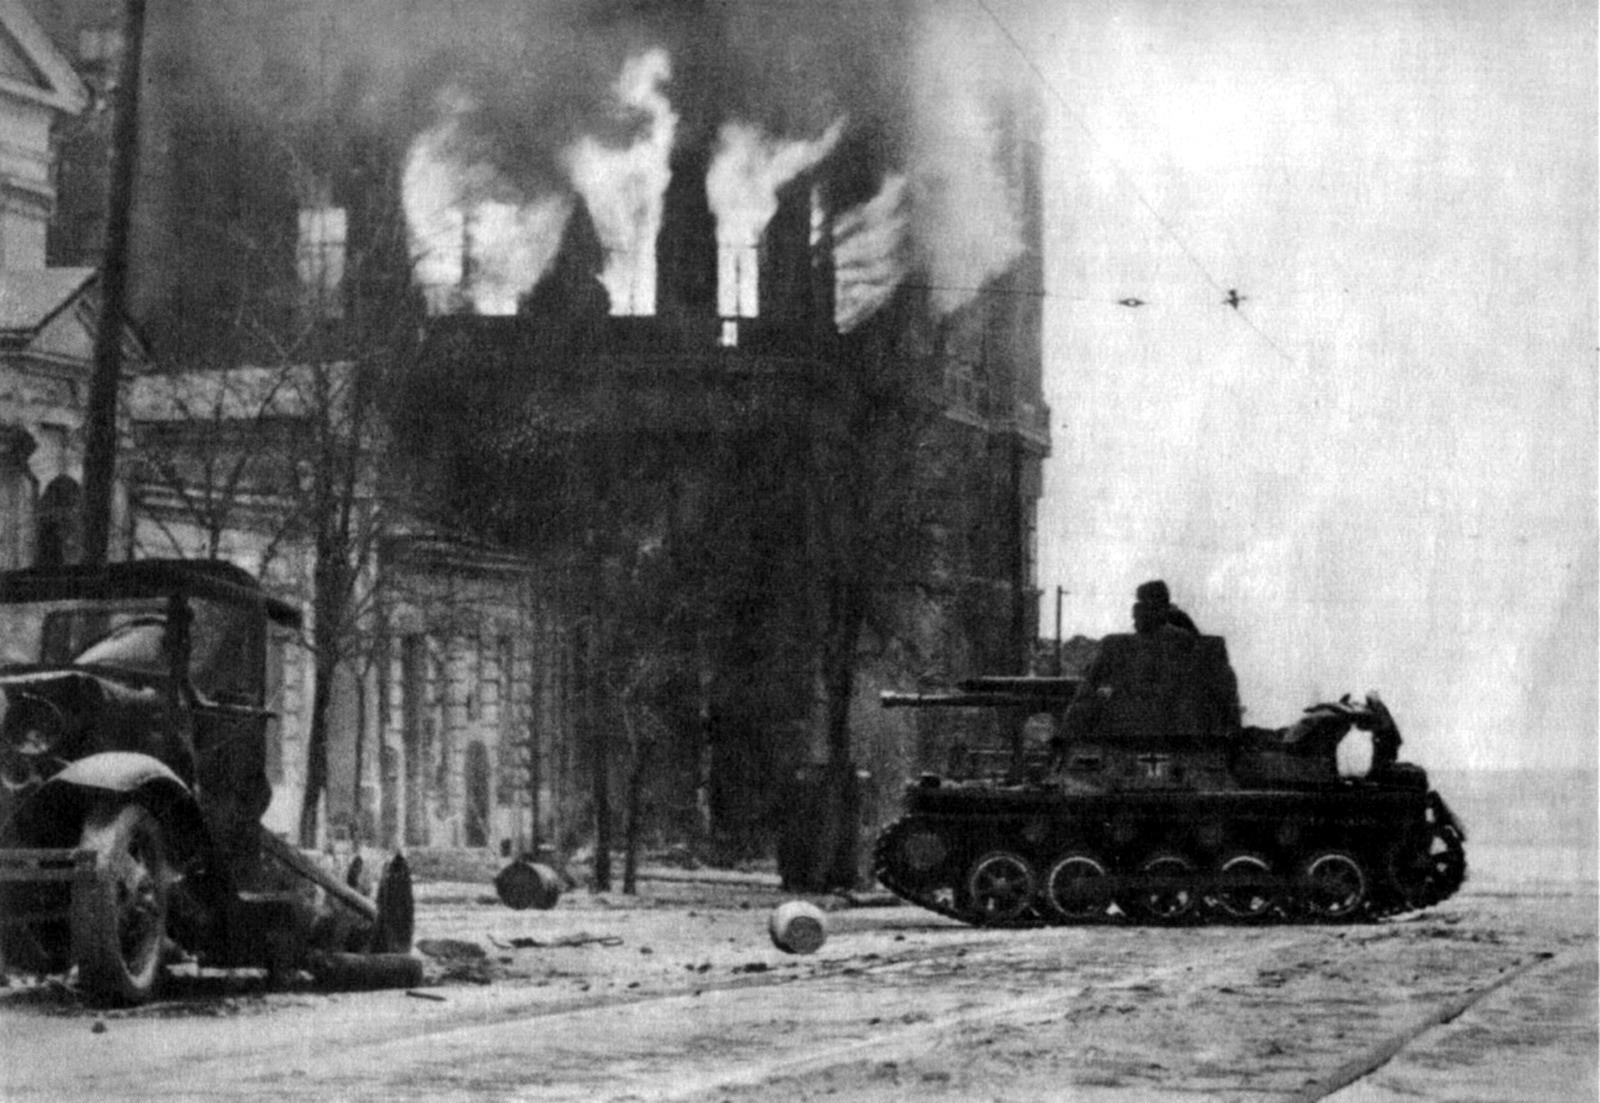 Немецкий истребитель танков Panzerjäger I во время боя за город Ростов-на-Донуш